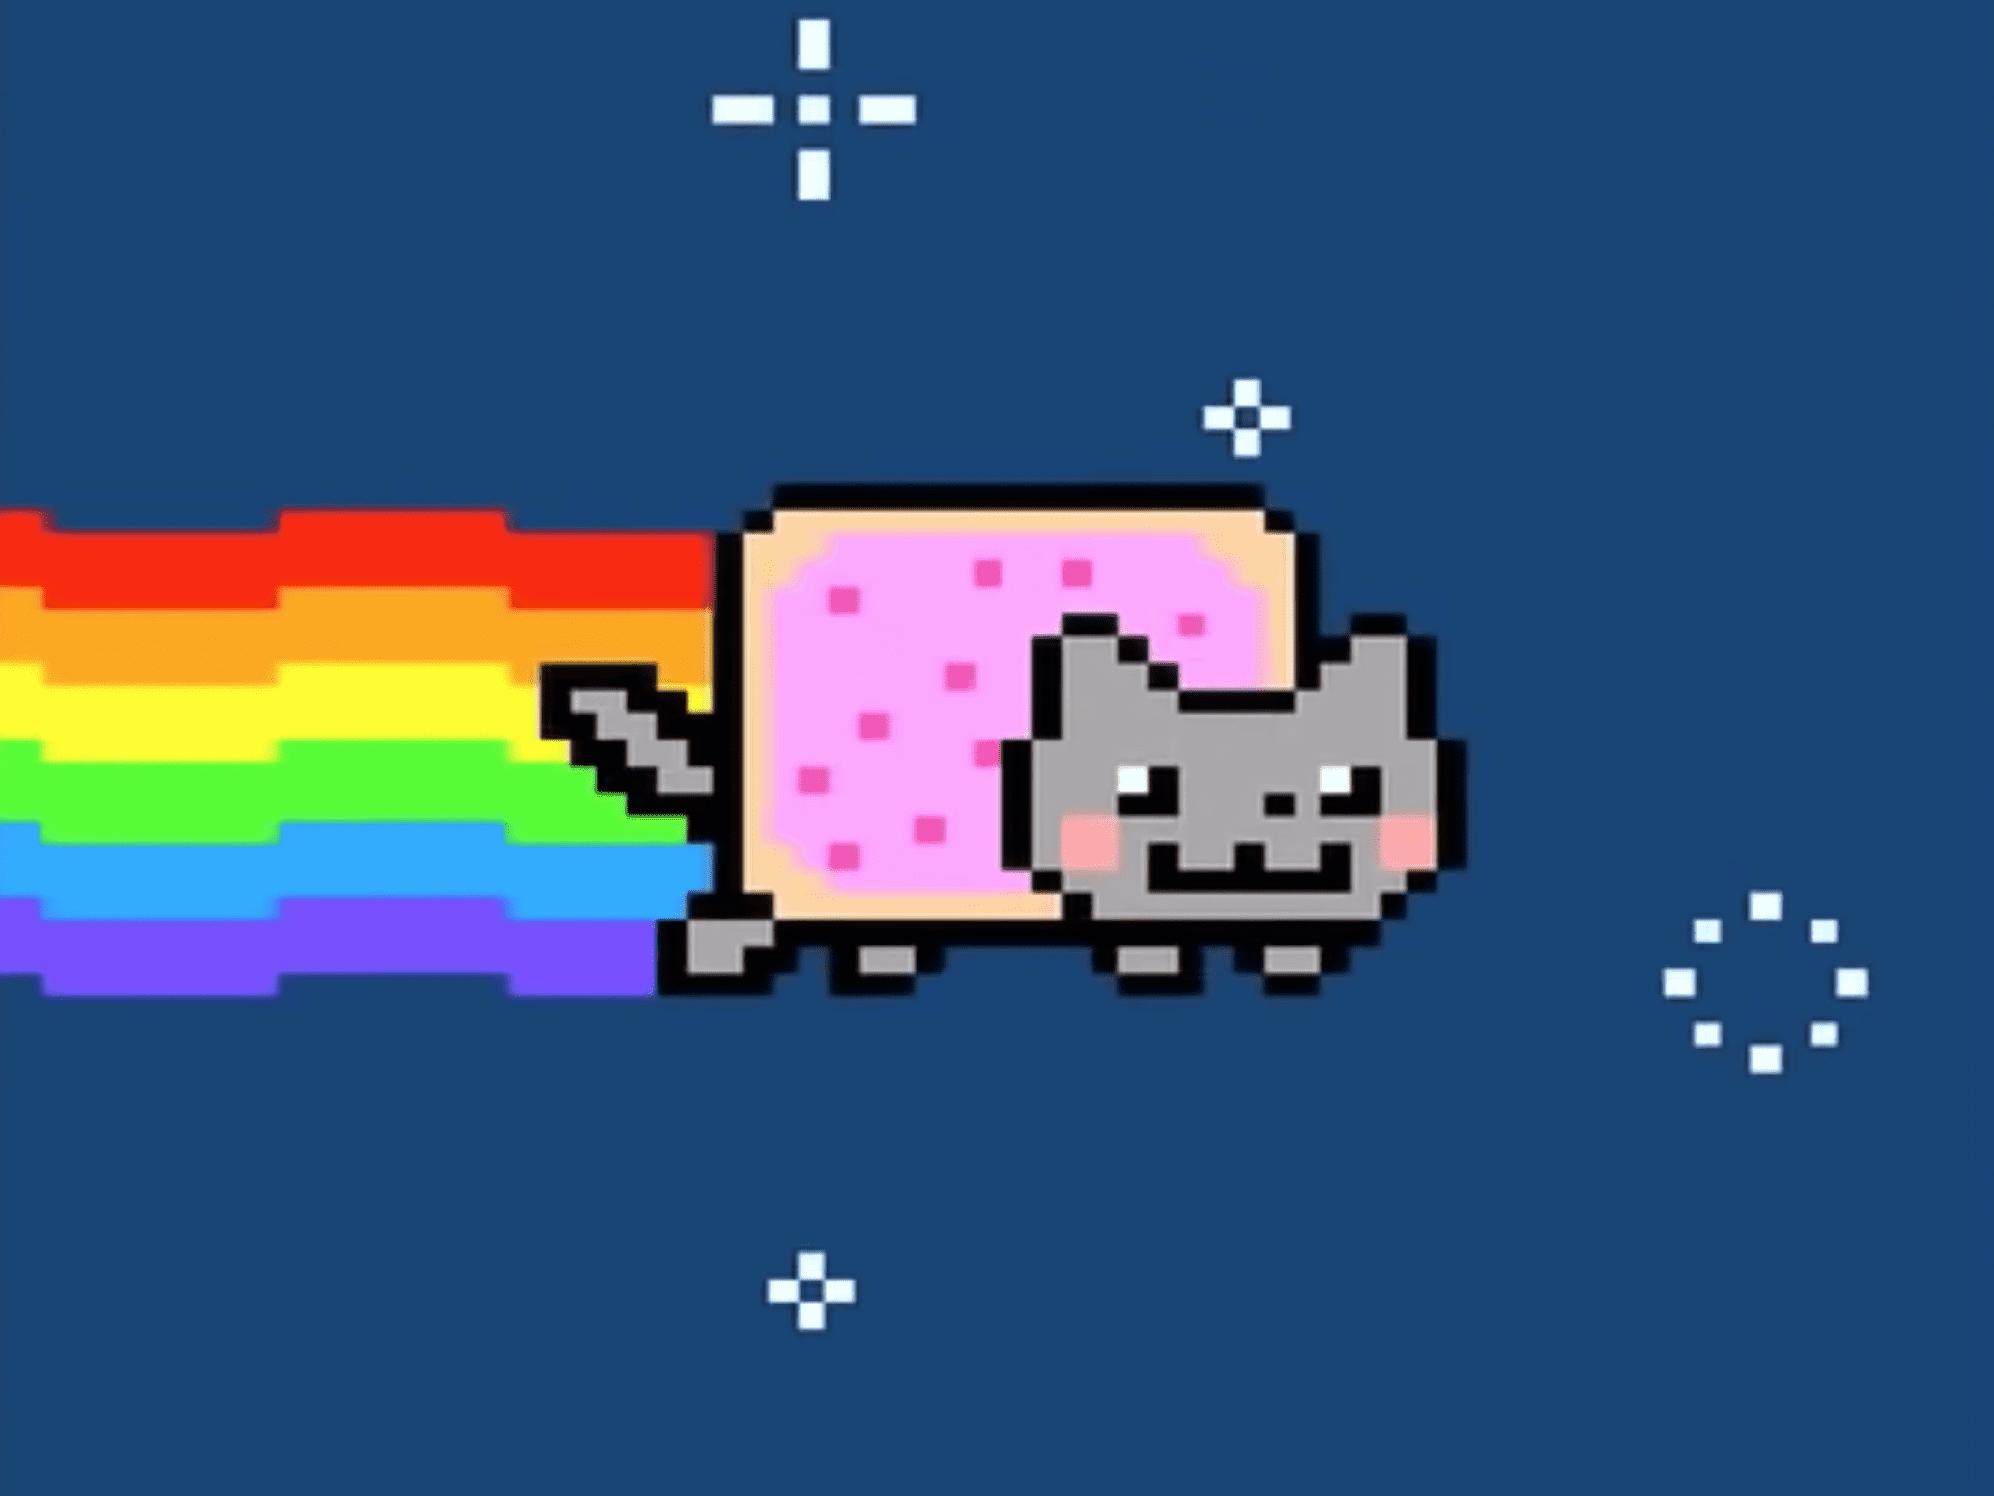 Nyan Cat by Nyan Cat